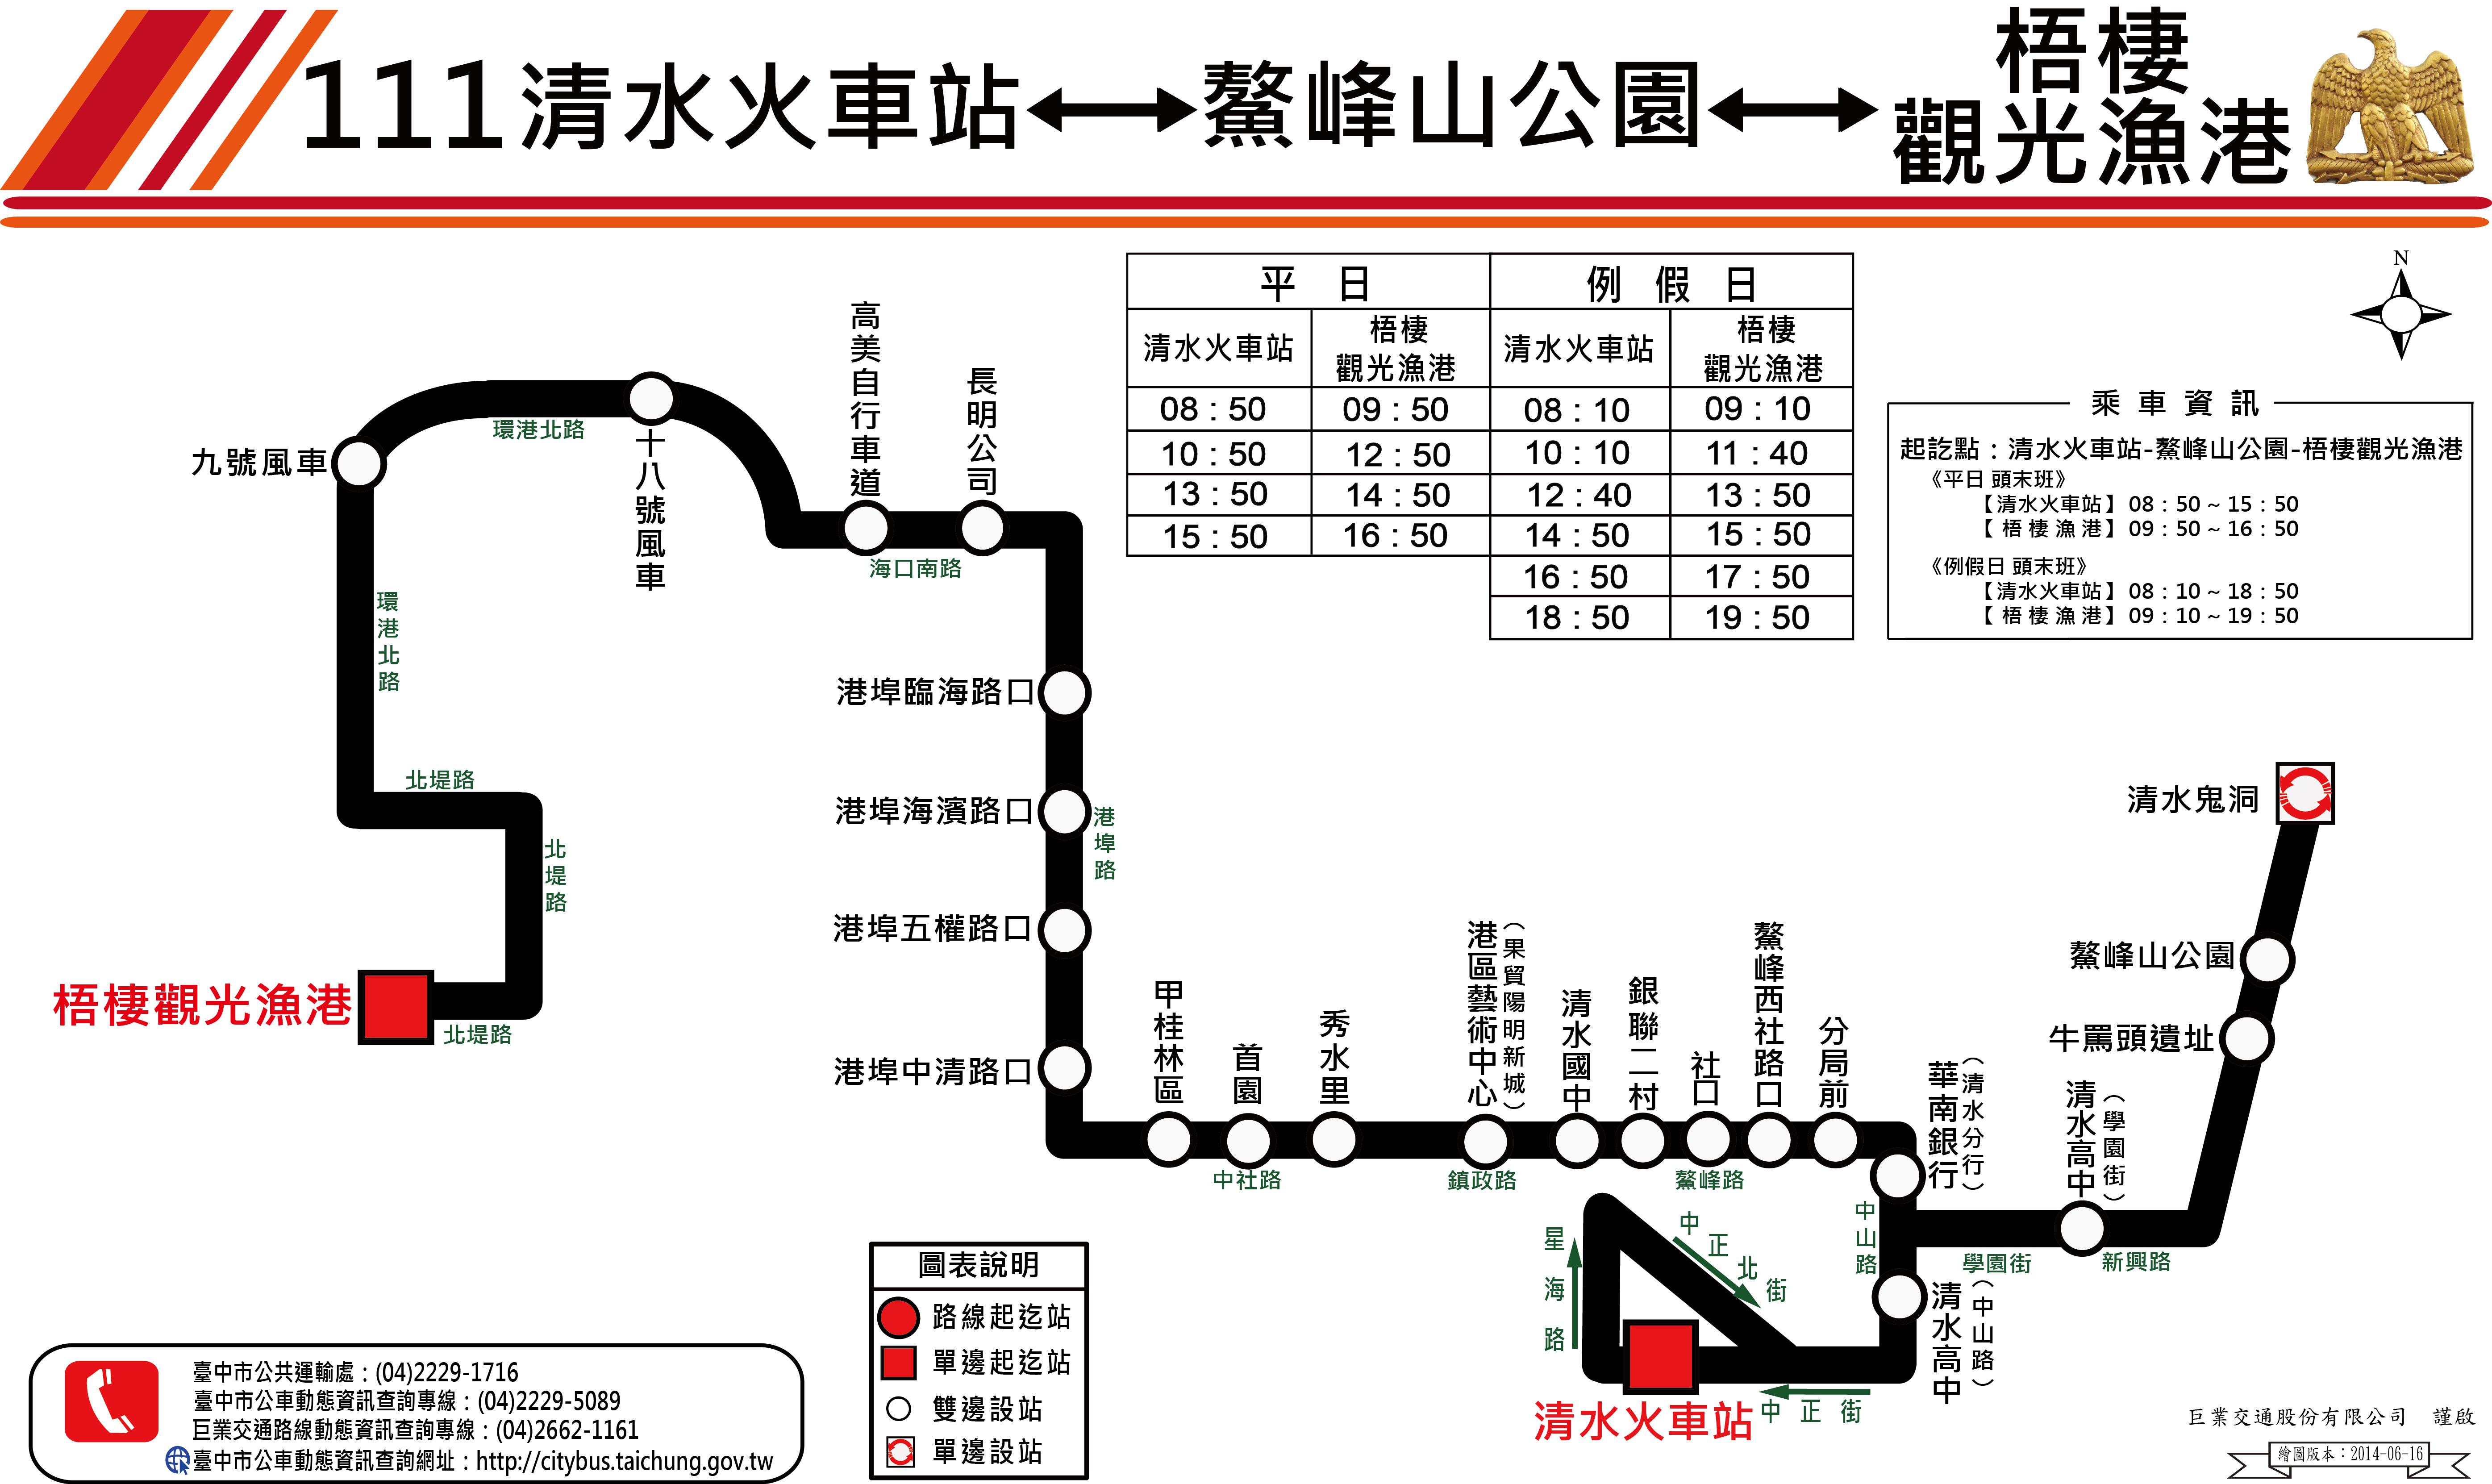 【路線圖】清水火車站-鰲峰山公園-梧棲漁港--(1)